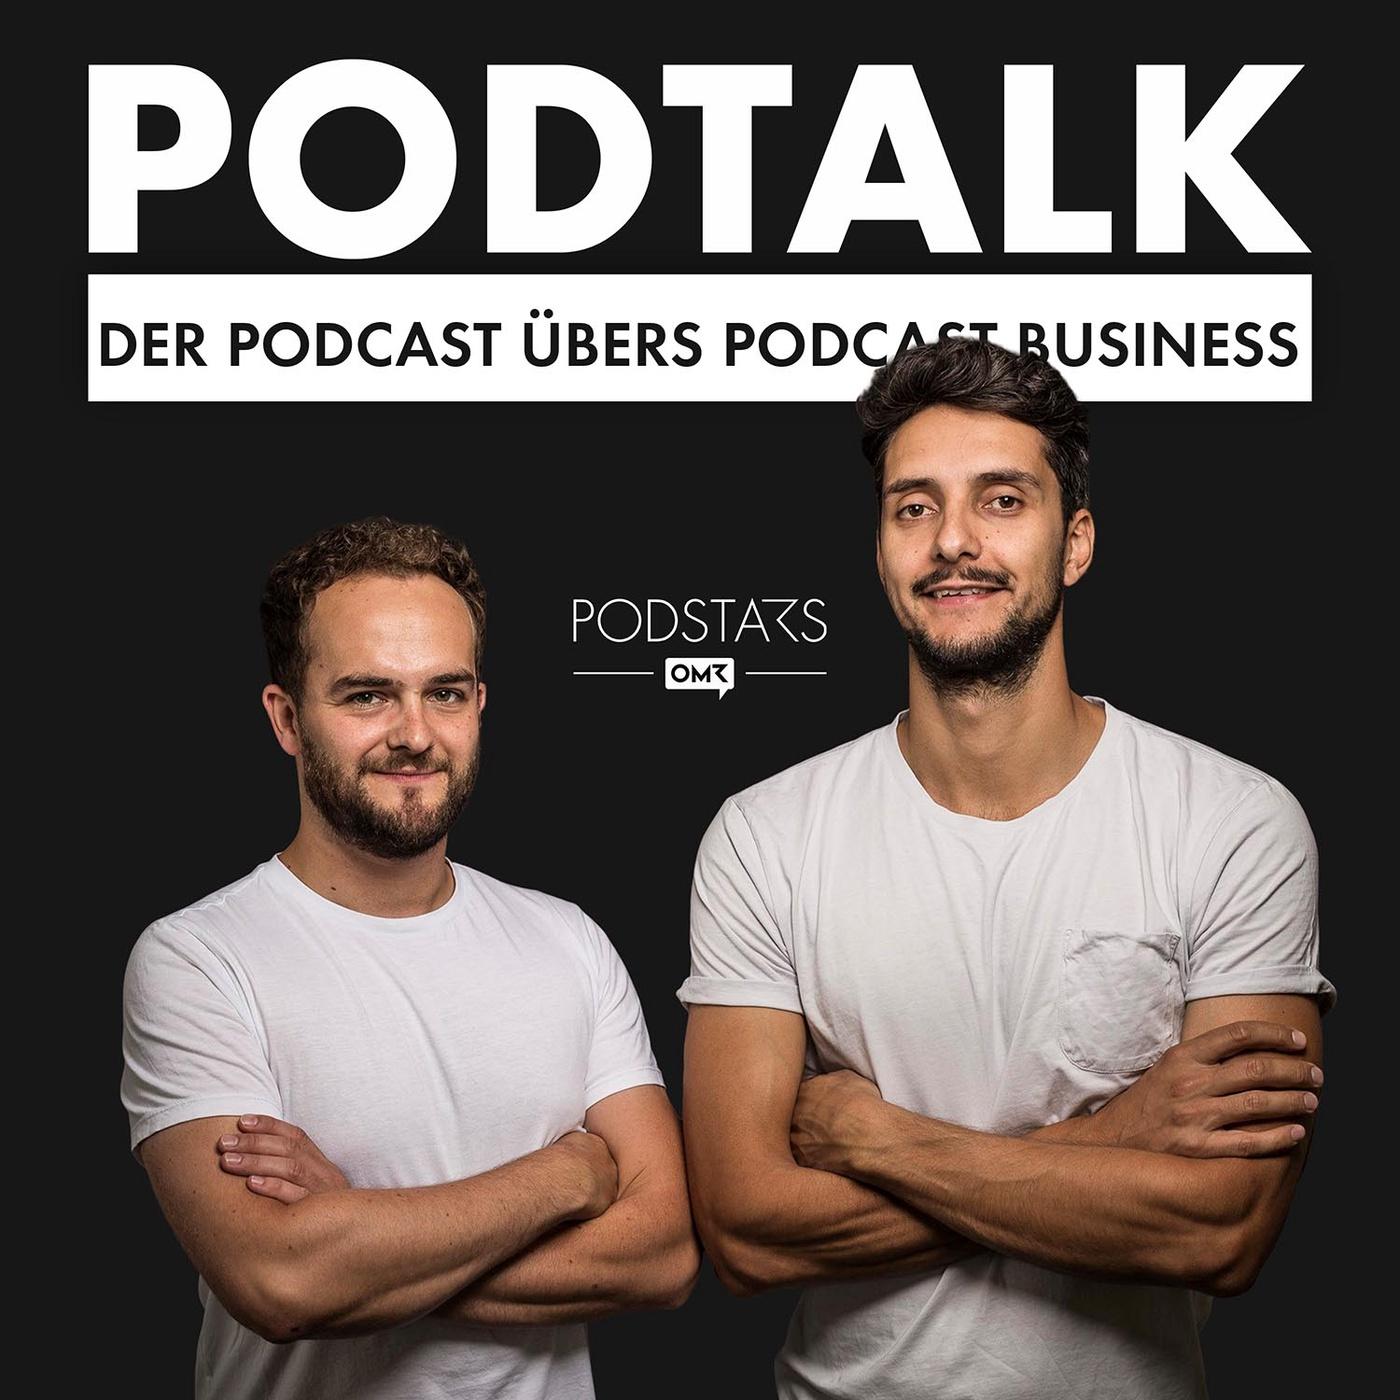 Podtalk #26: Die erste Podcast-Castingshow aller Zeiten – und warum wir alle größer denken sollten